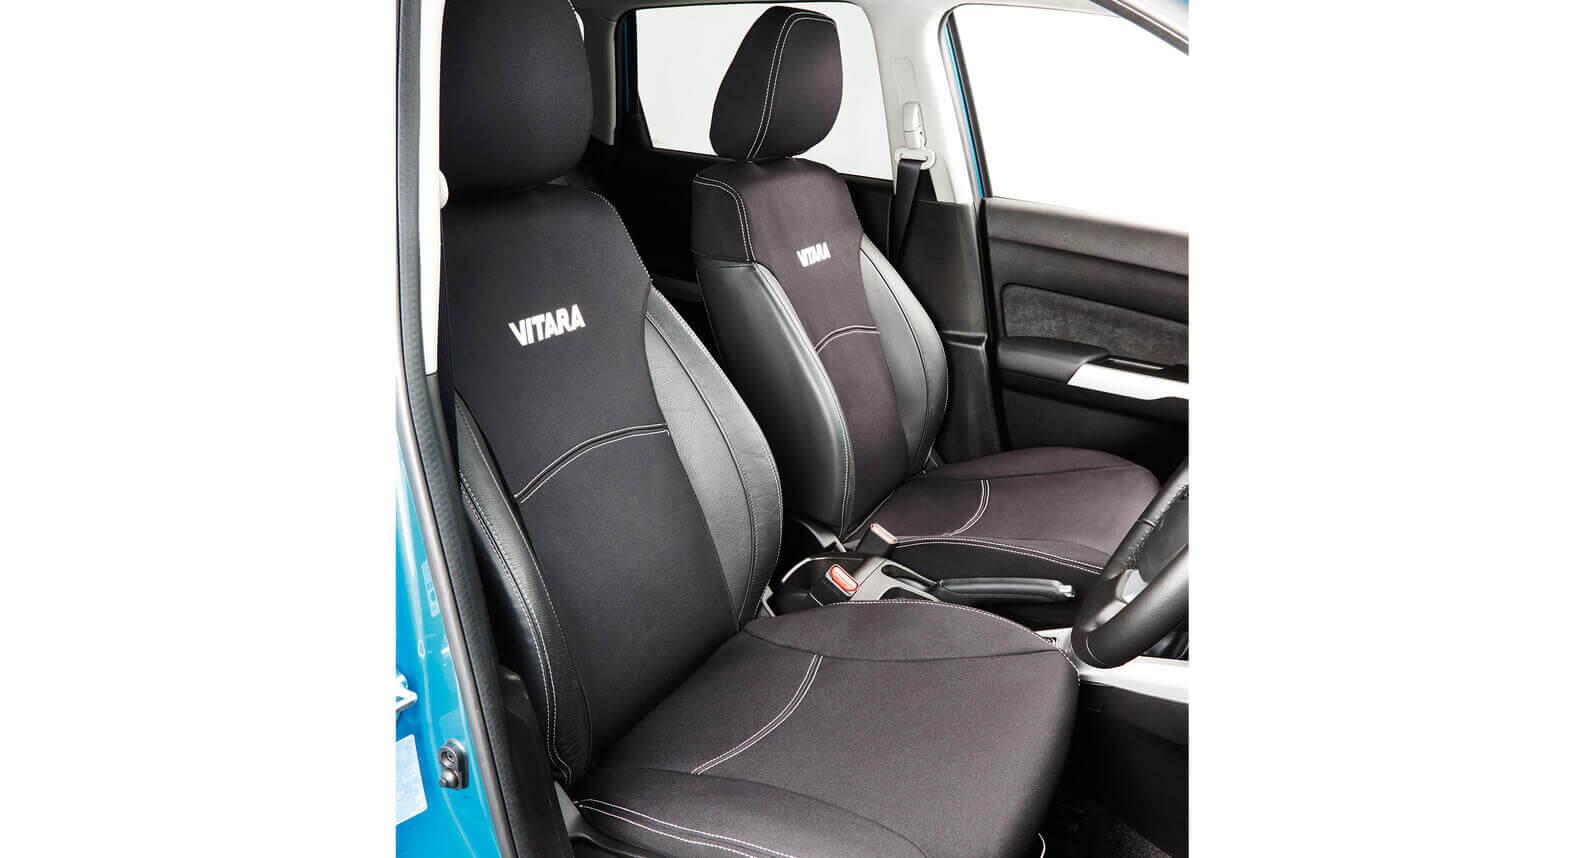 Vitara Seat Covers Front Pair - Neoprene